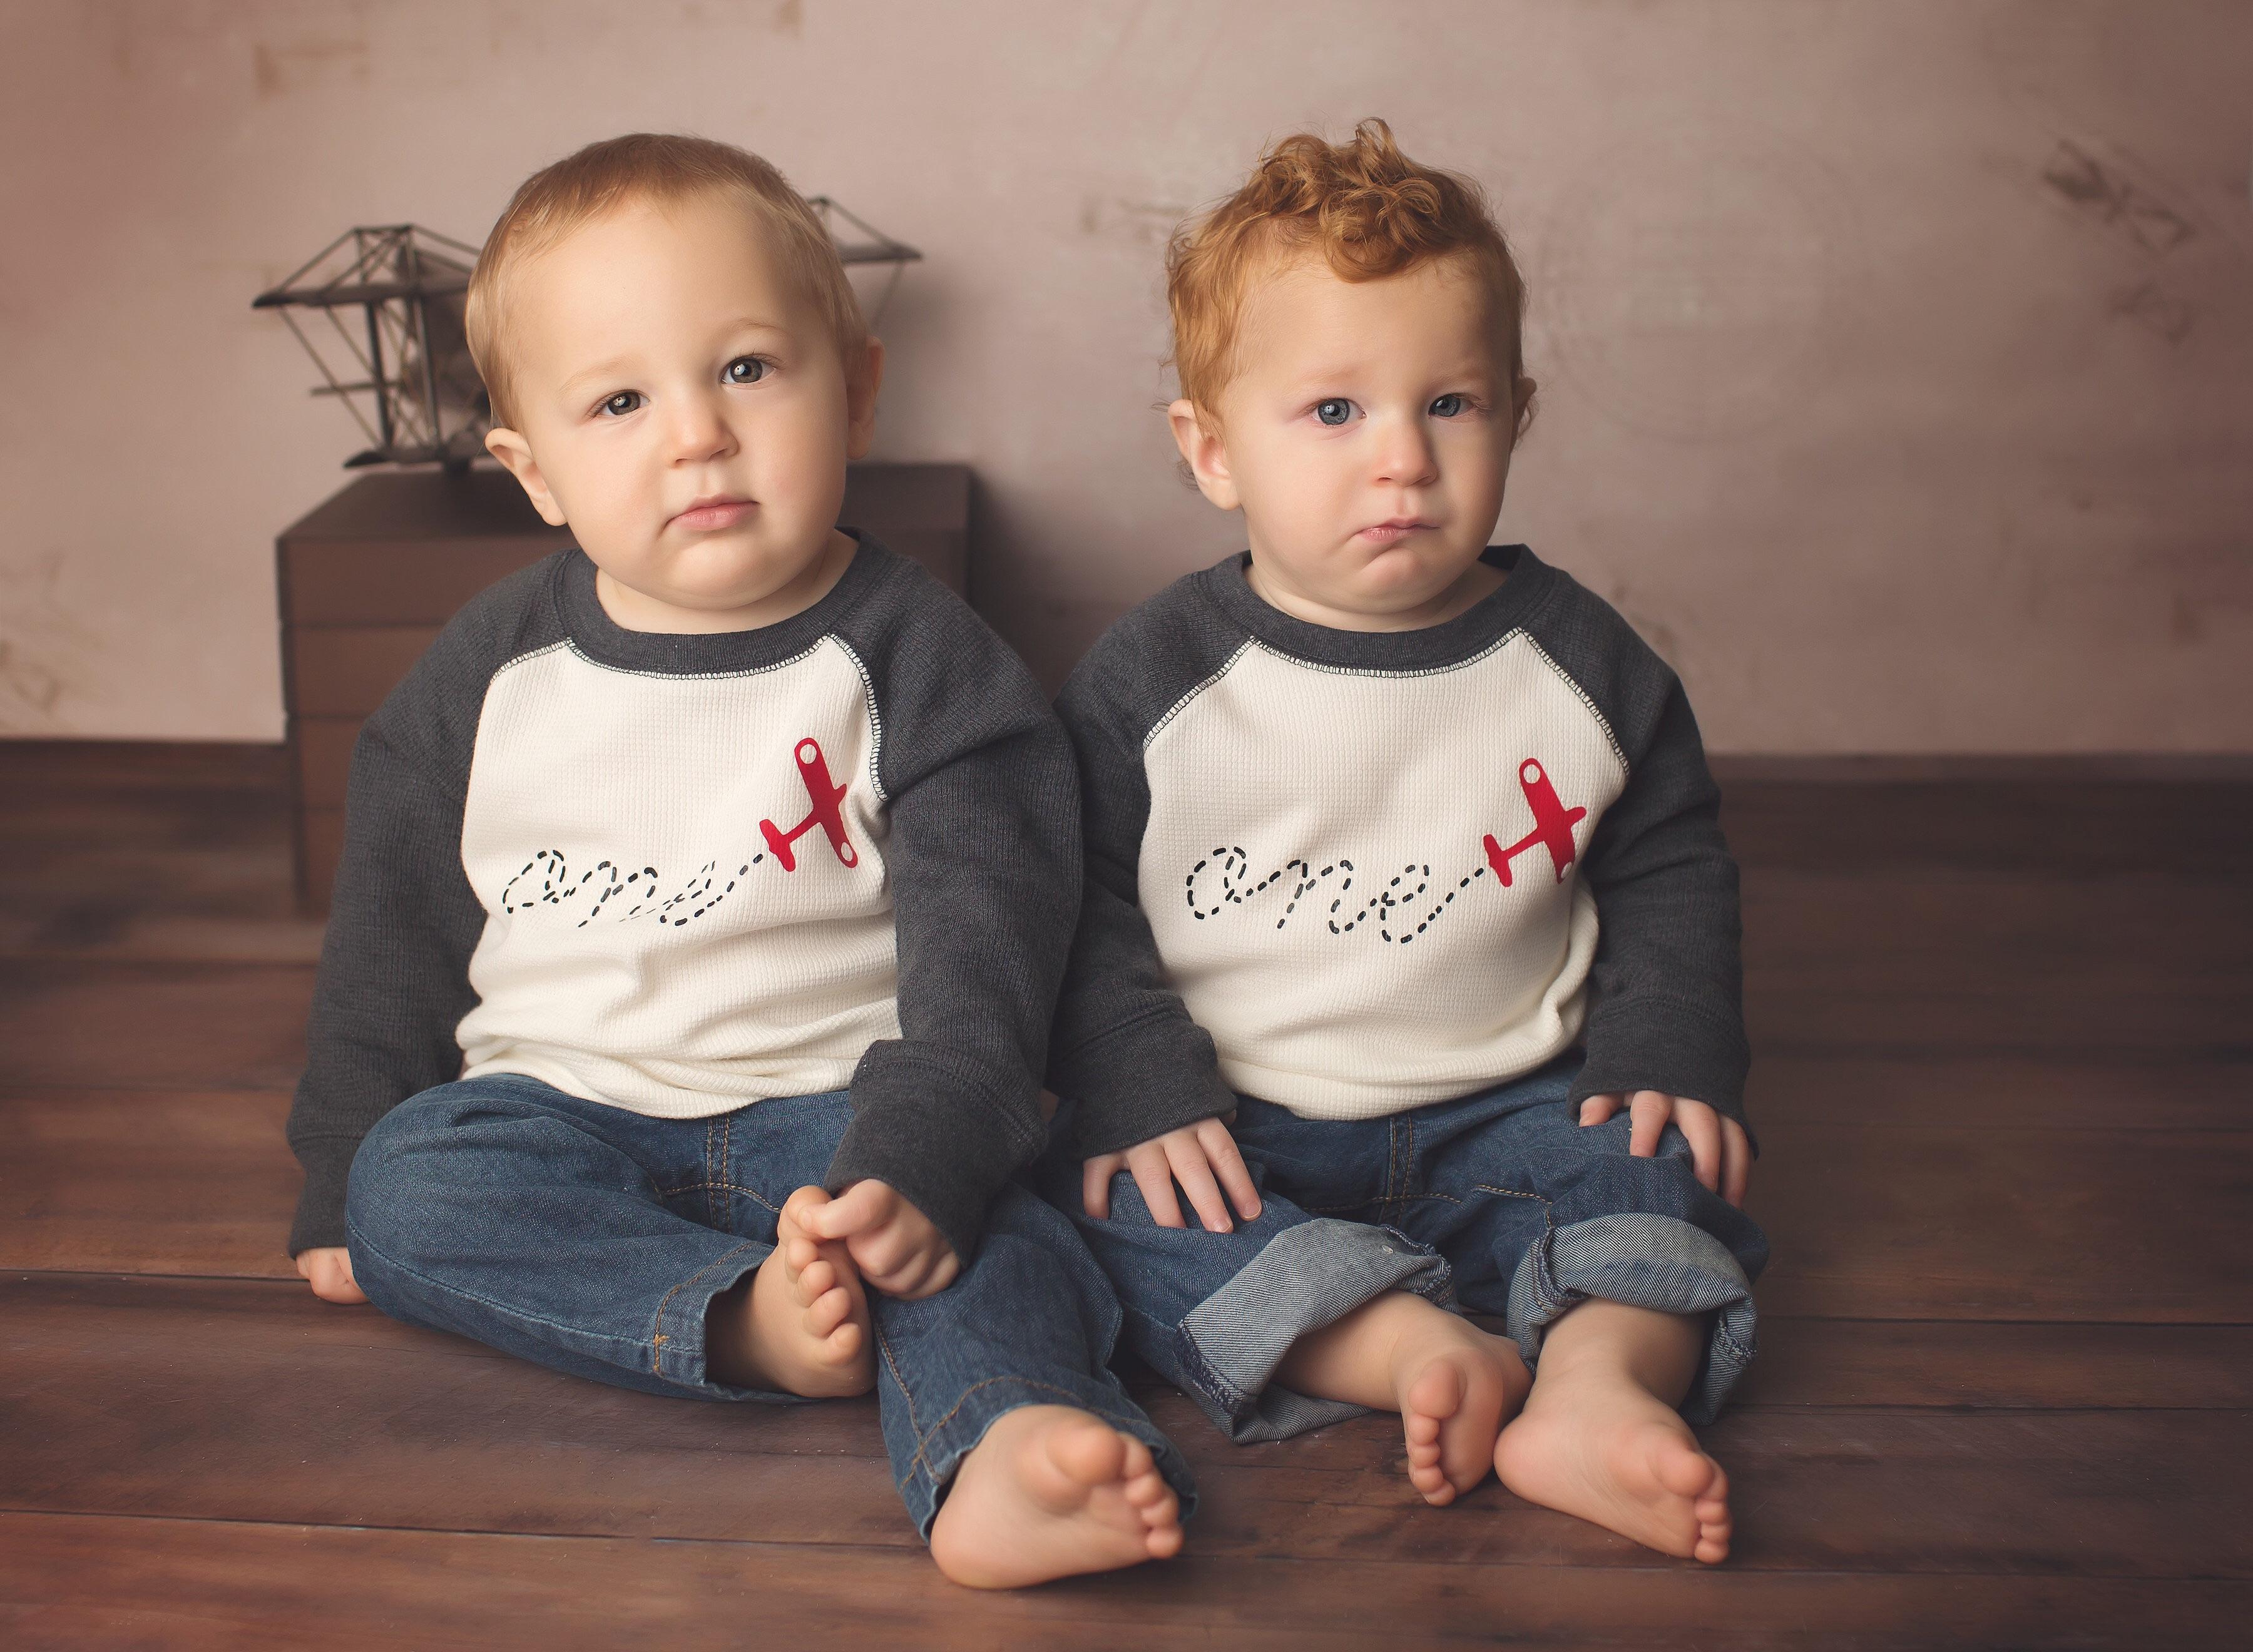 Twins Turn One